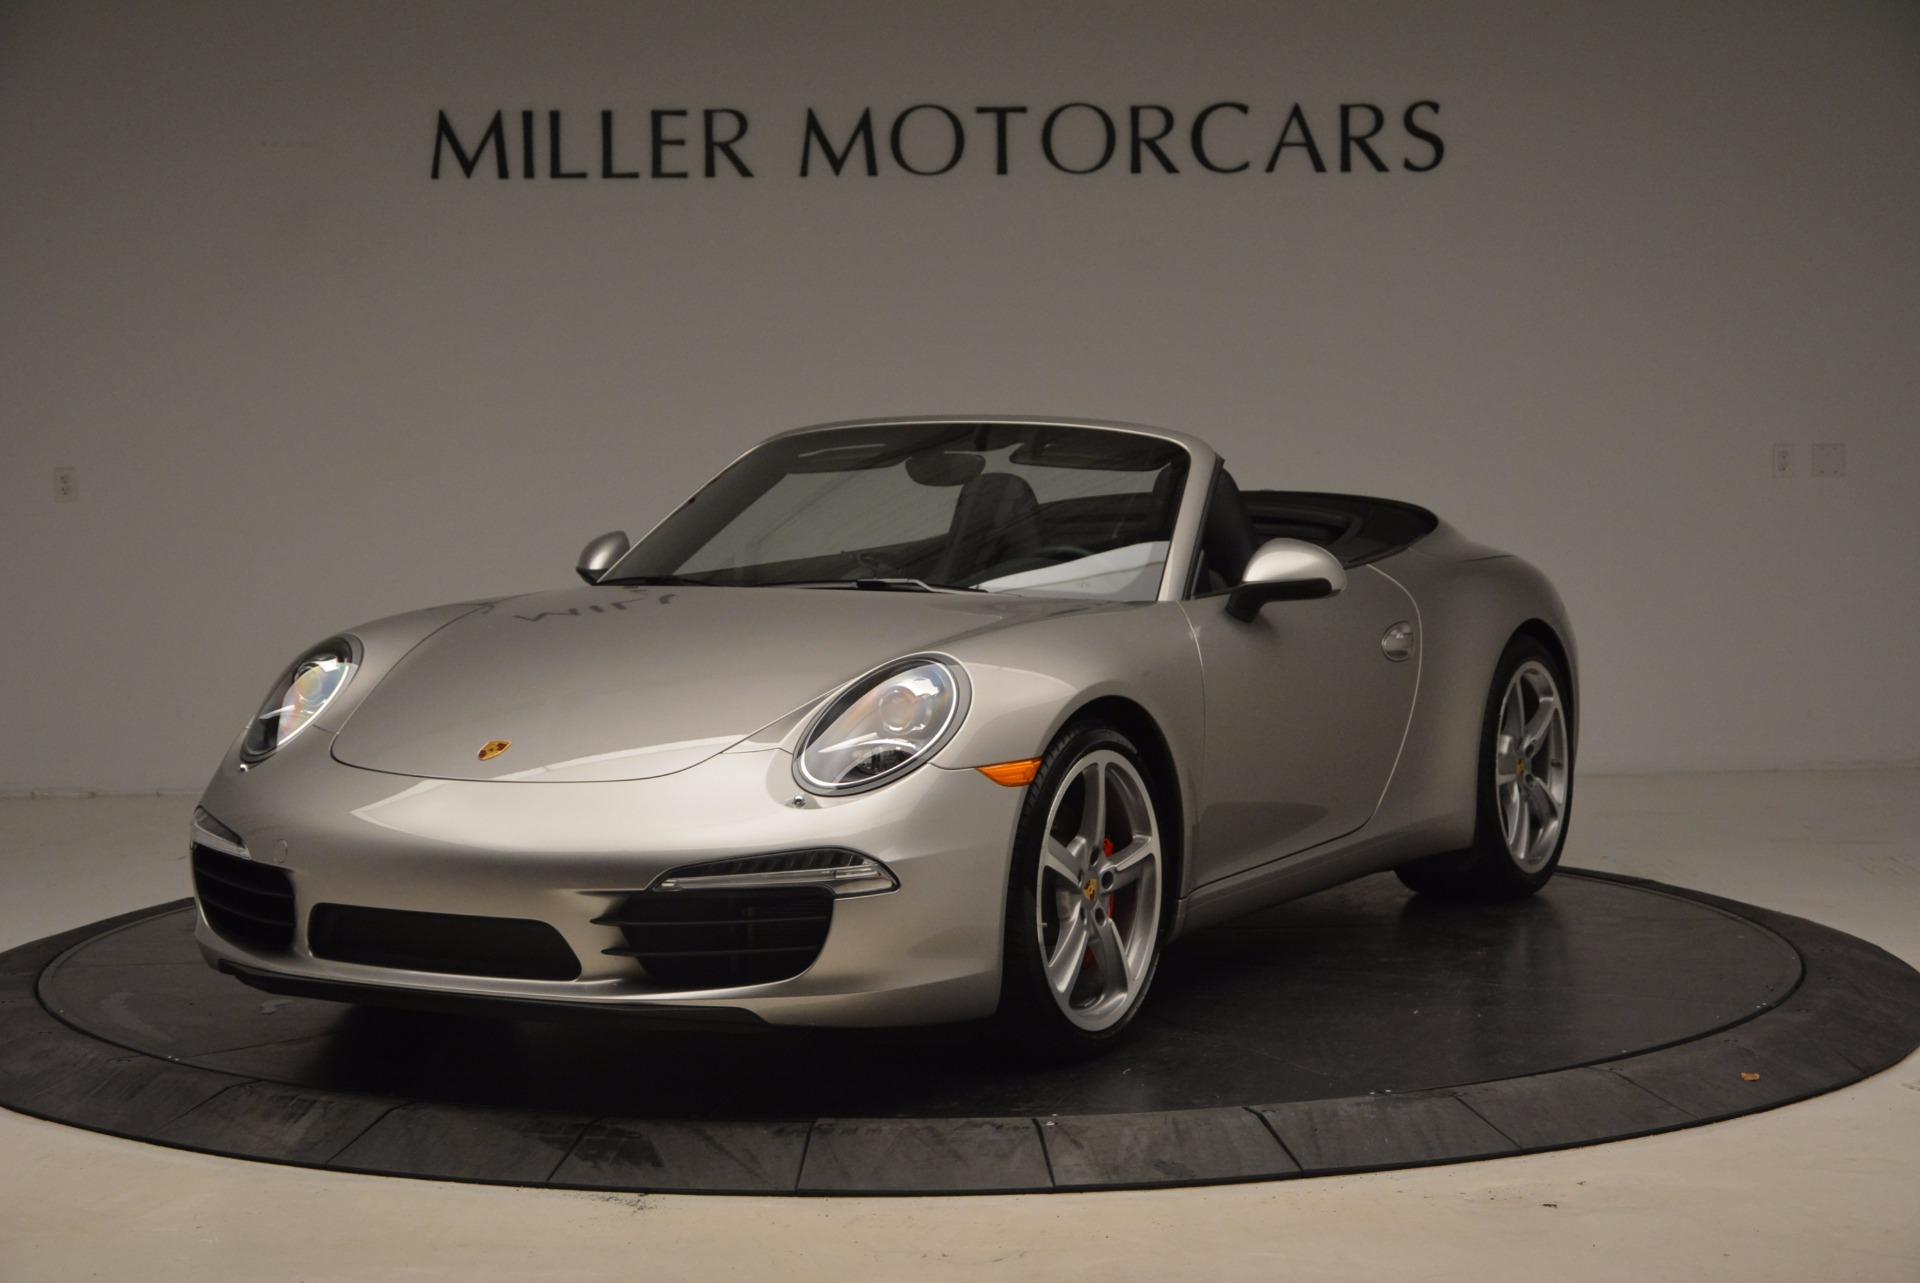 Used 2012 Porsche 911 Carrera S for sale Sold at Alfa Romeo of Westport in Westport CT 06880 1